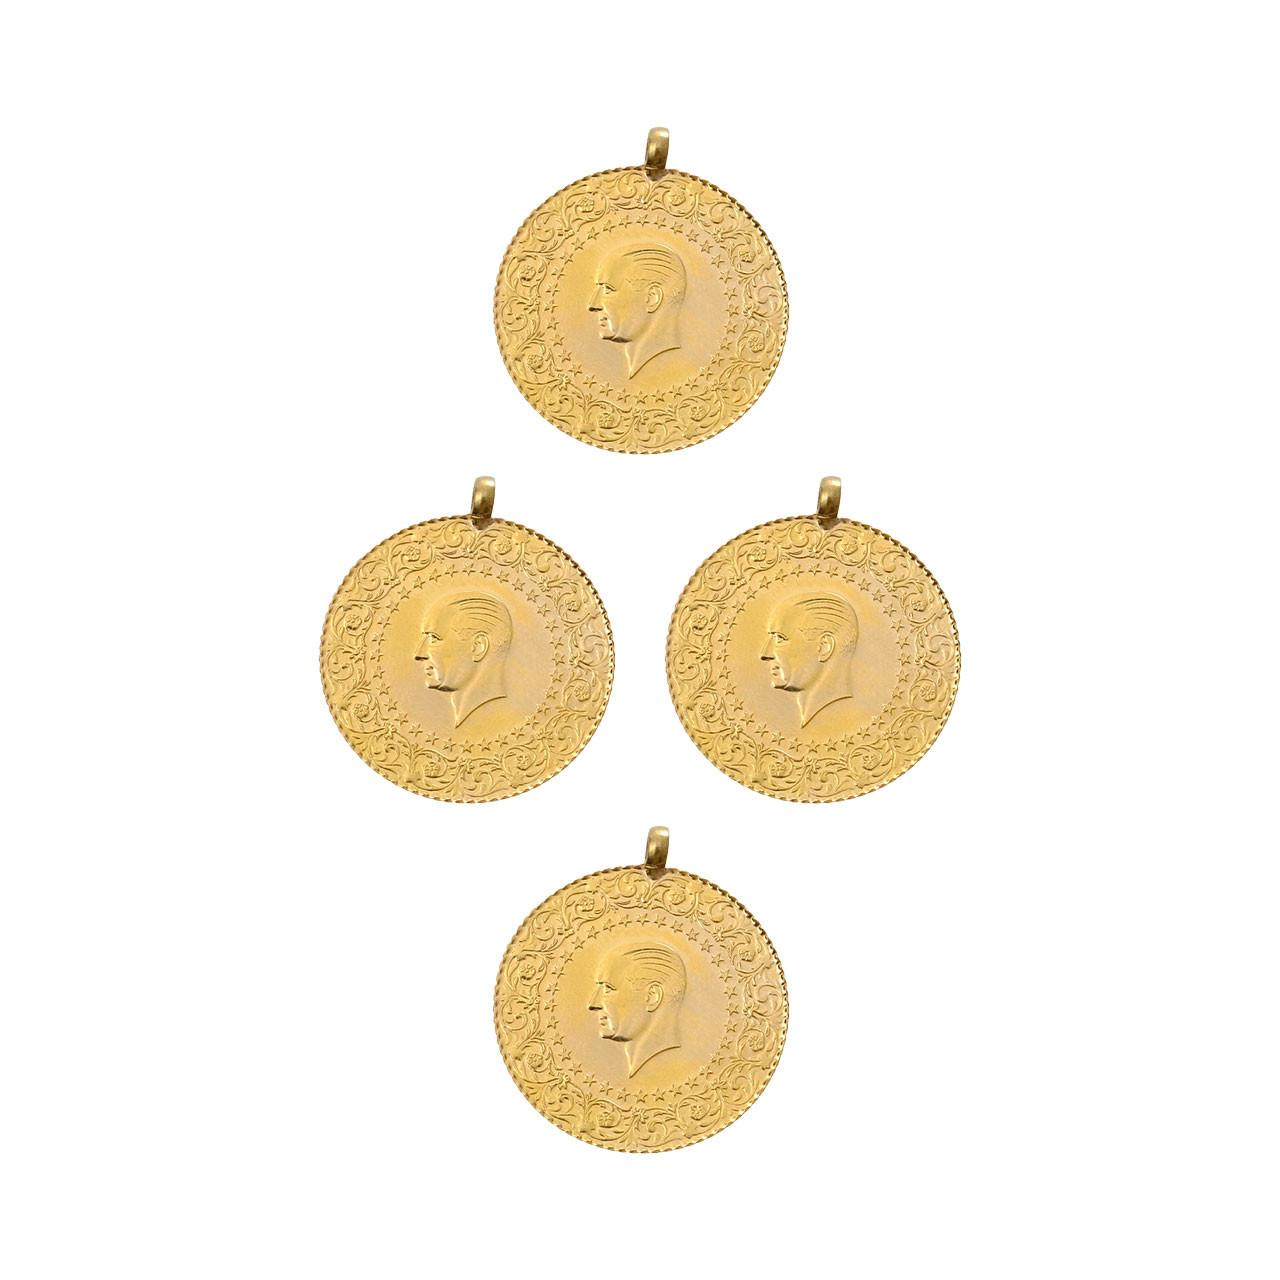 4 Adet Tam (Teklik) Altın Eski Tarihli